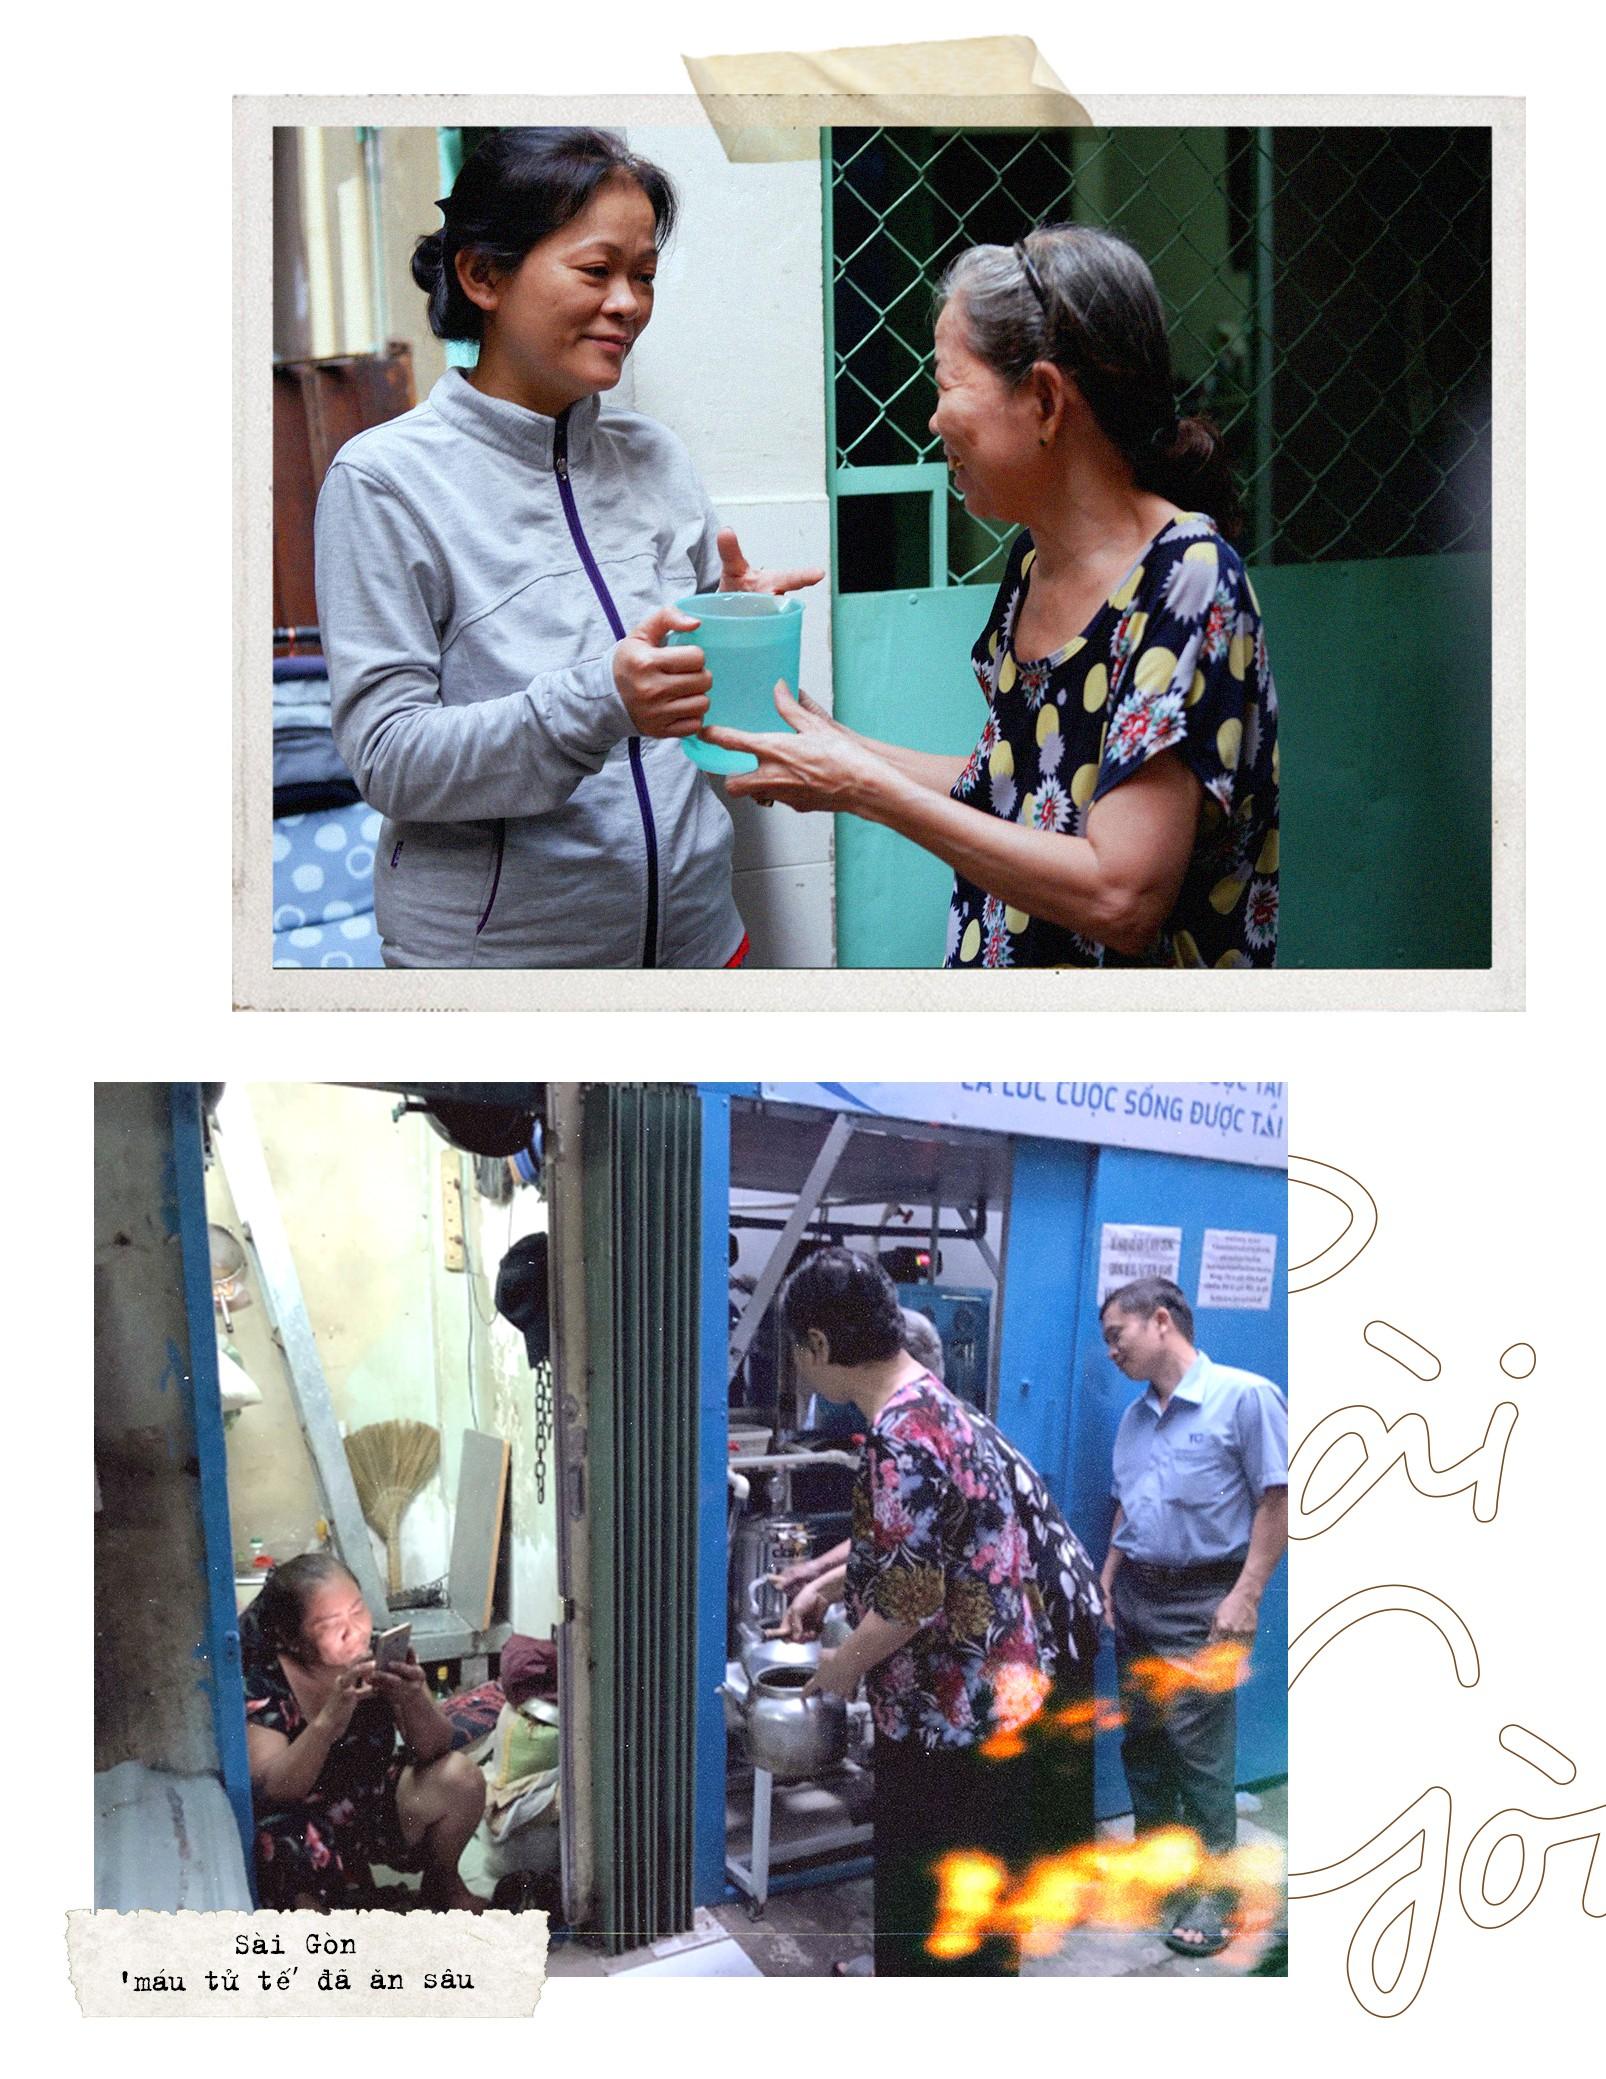 """Sài Gòn – """"Máu tử tế"""" đã ăn sâu - Ảnh 5."""